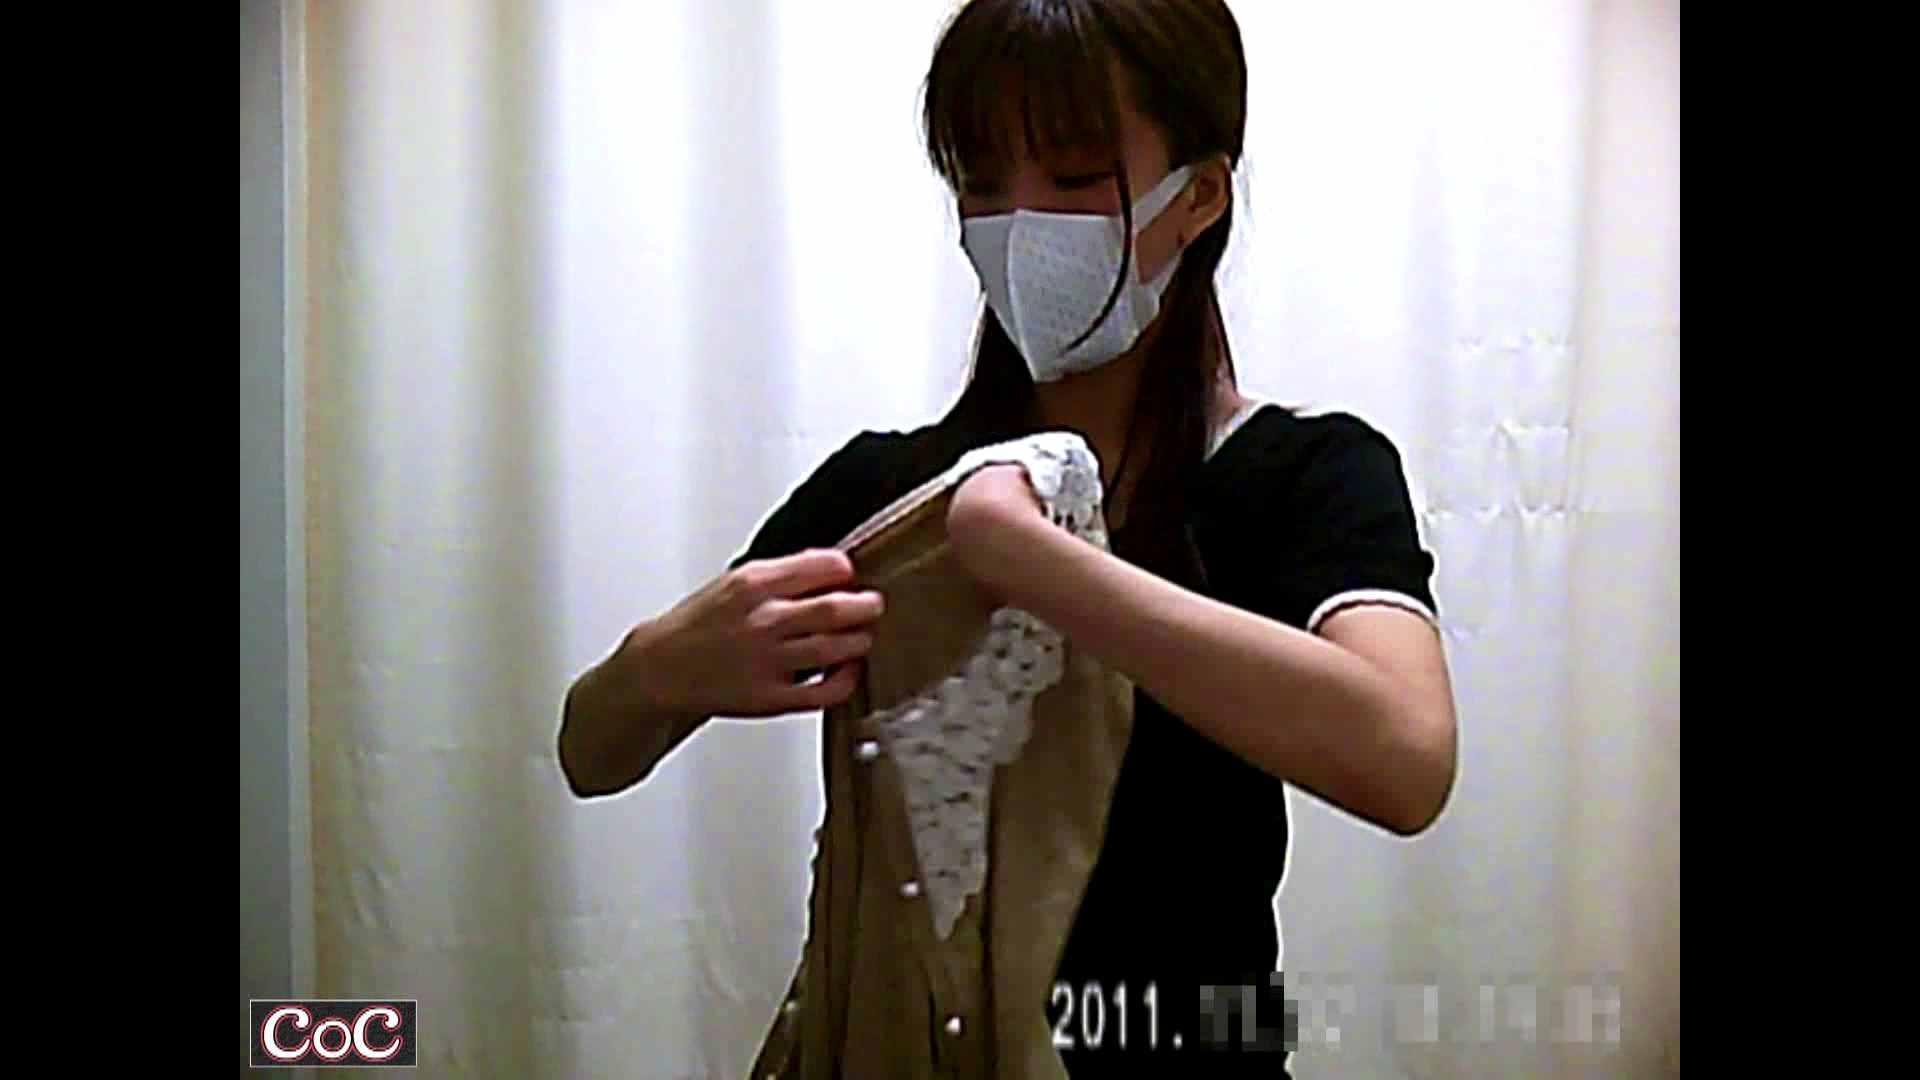 元医者による反抗 更衣室地獄絵巻 vol.216 OL | 0  51連発 23